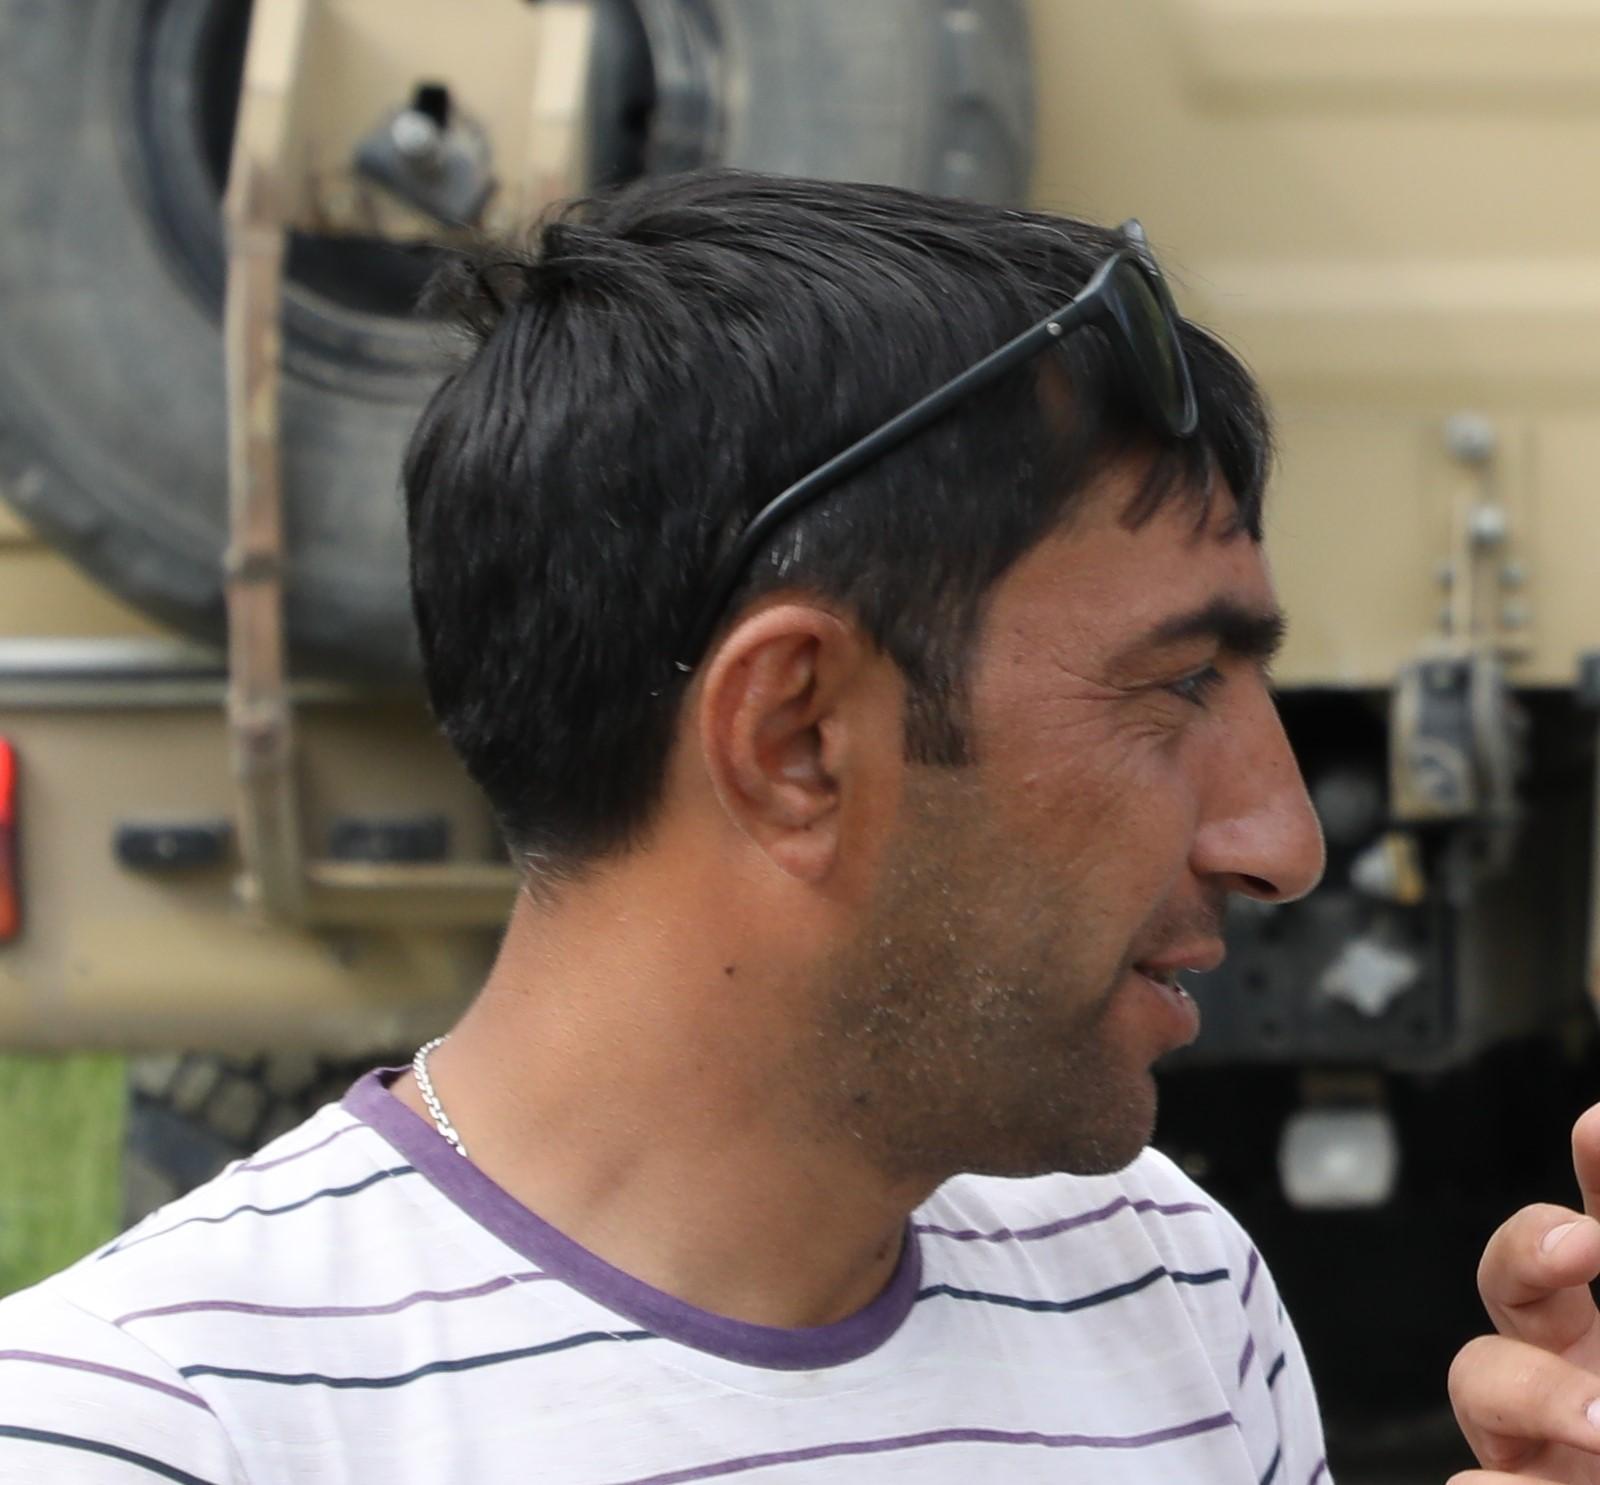 journalist photo